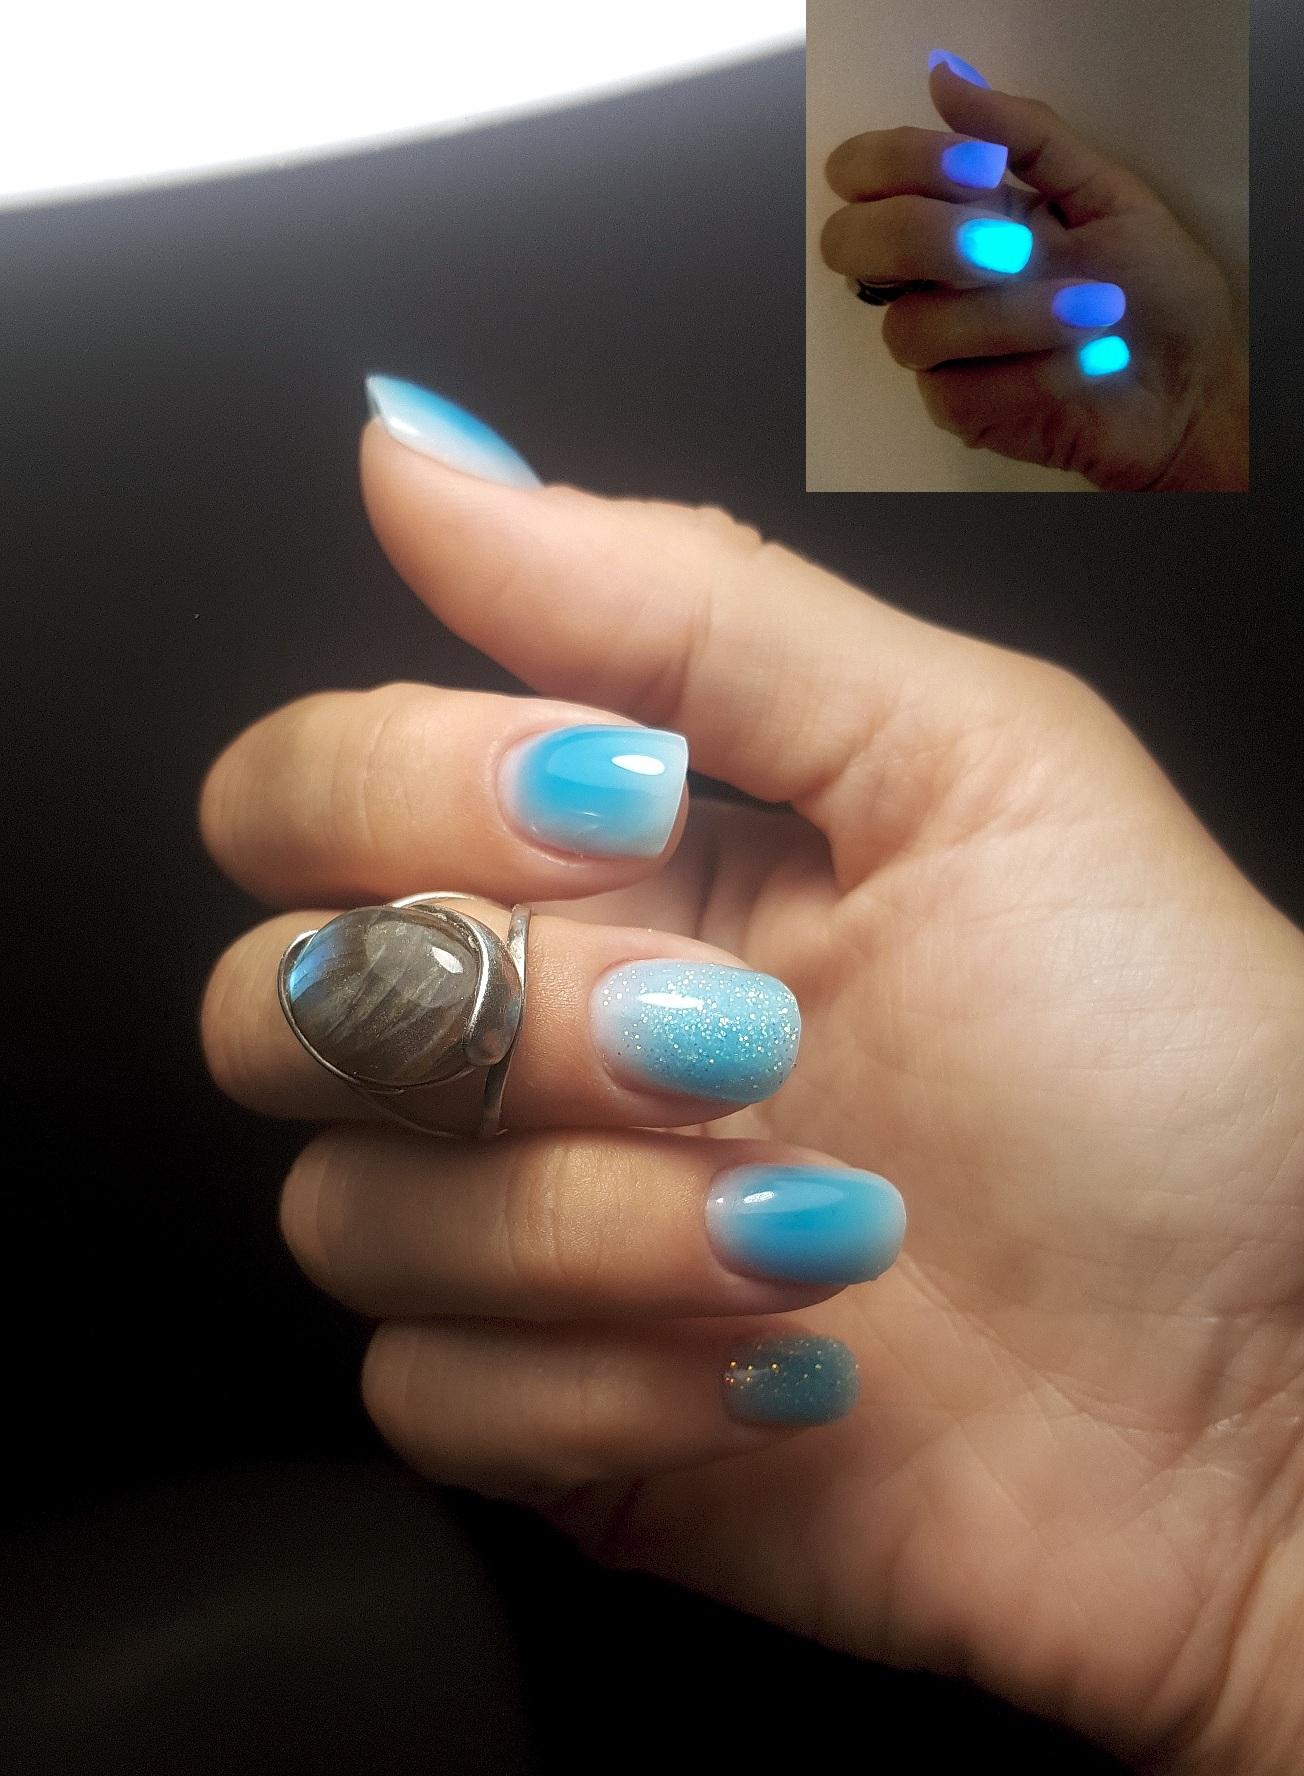 Светящийся в темноте полигель и такая же пудра другого оттенка (на фото в правом верхнем углу, все не влезло). Выравнивание замесом из витражного лака и геля и пудры люминесцентной с гелем